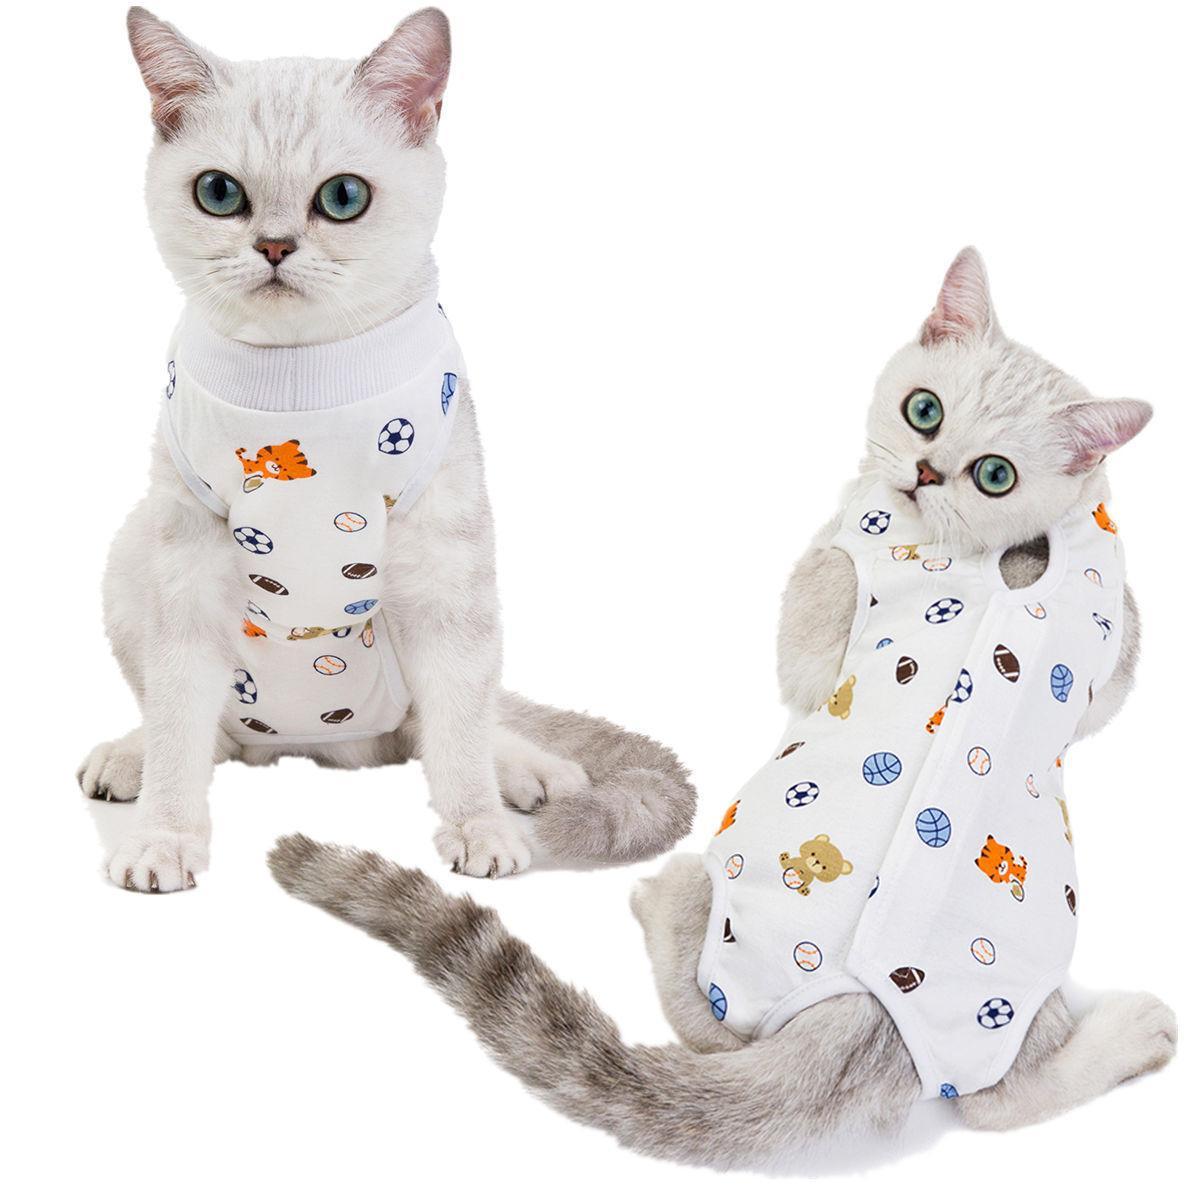 Sublimación Reflector en blanco Nylon Chaleco para perros mascotas Ropa de malla transpirable ajustable Camisa de moda creativa Camisa de verano TUXEDO Ropa de perro Primavera y verano